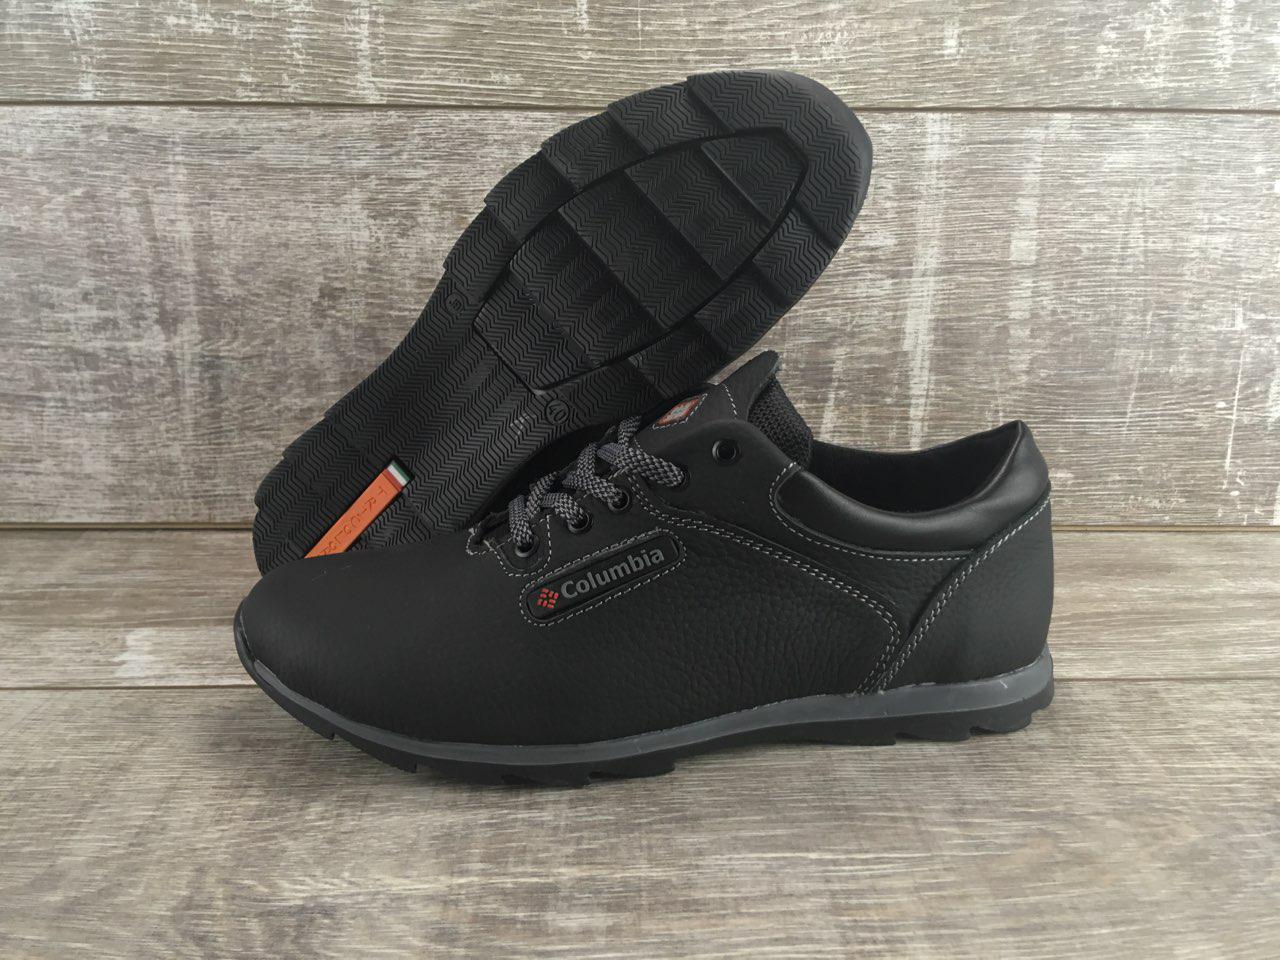 Мужские кожаные кроссовки Columbia код К-1 черные 44 - Интернет-магазин  обуви